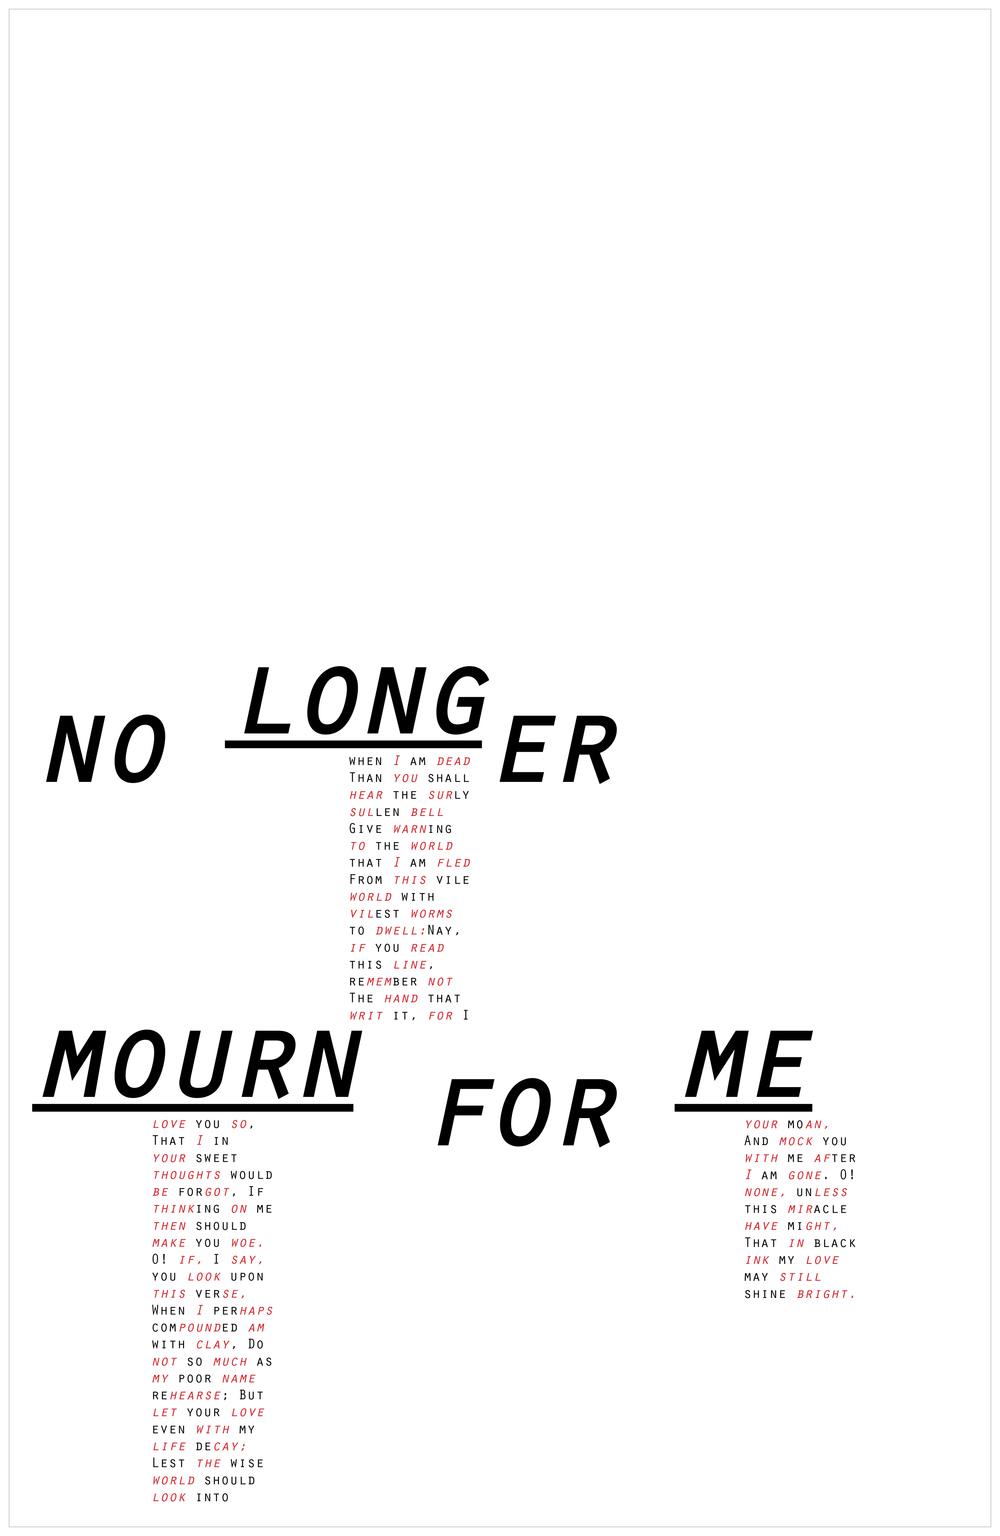 sonnet2.jpg